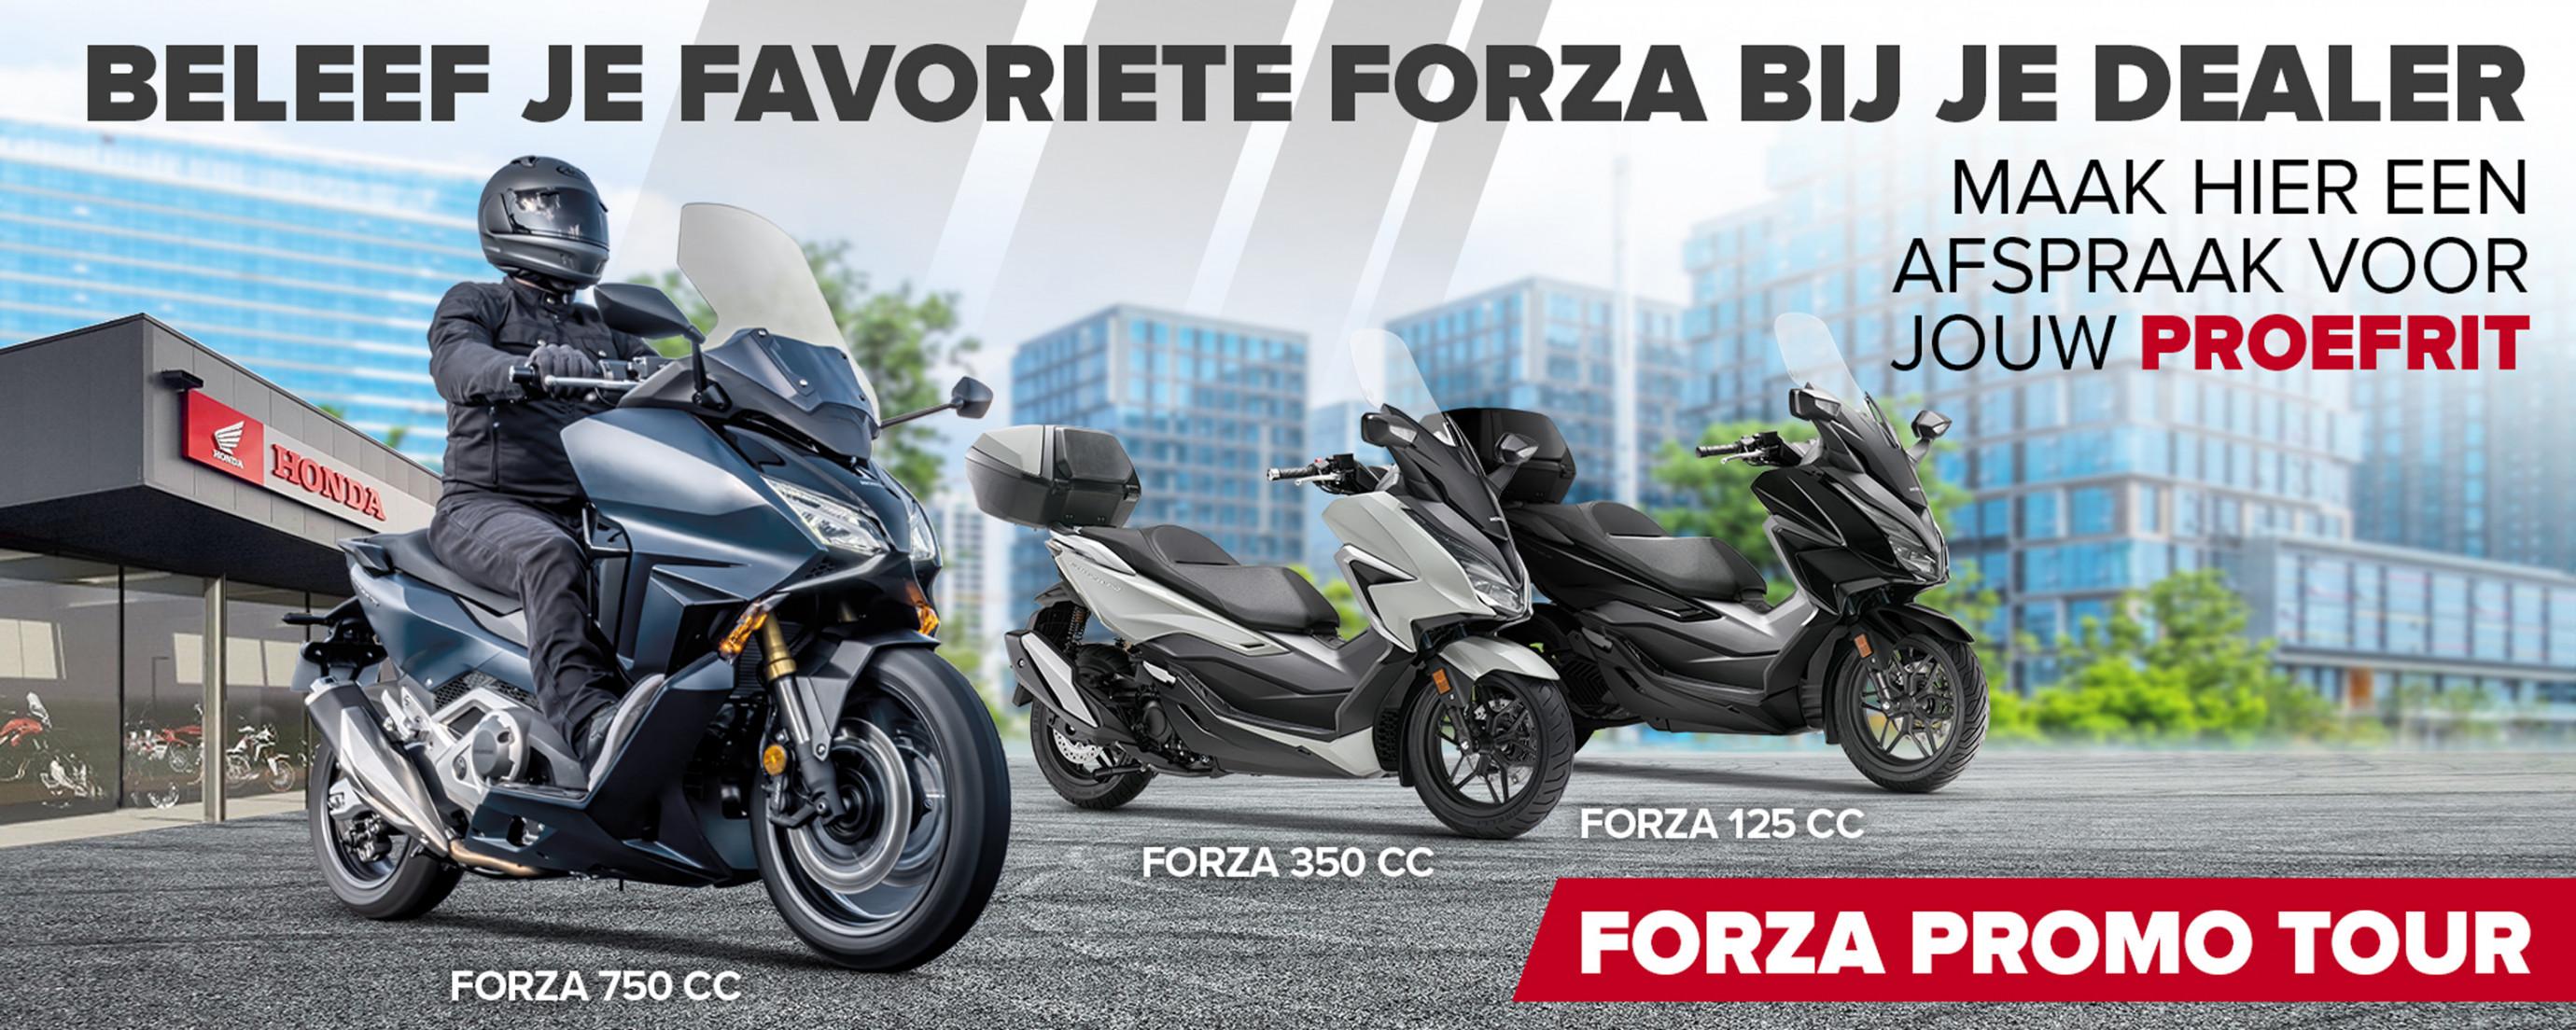 Forza-3000x1200_3NL